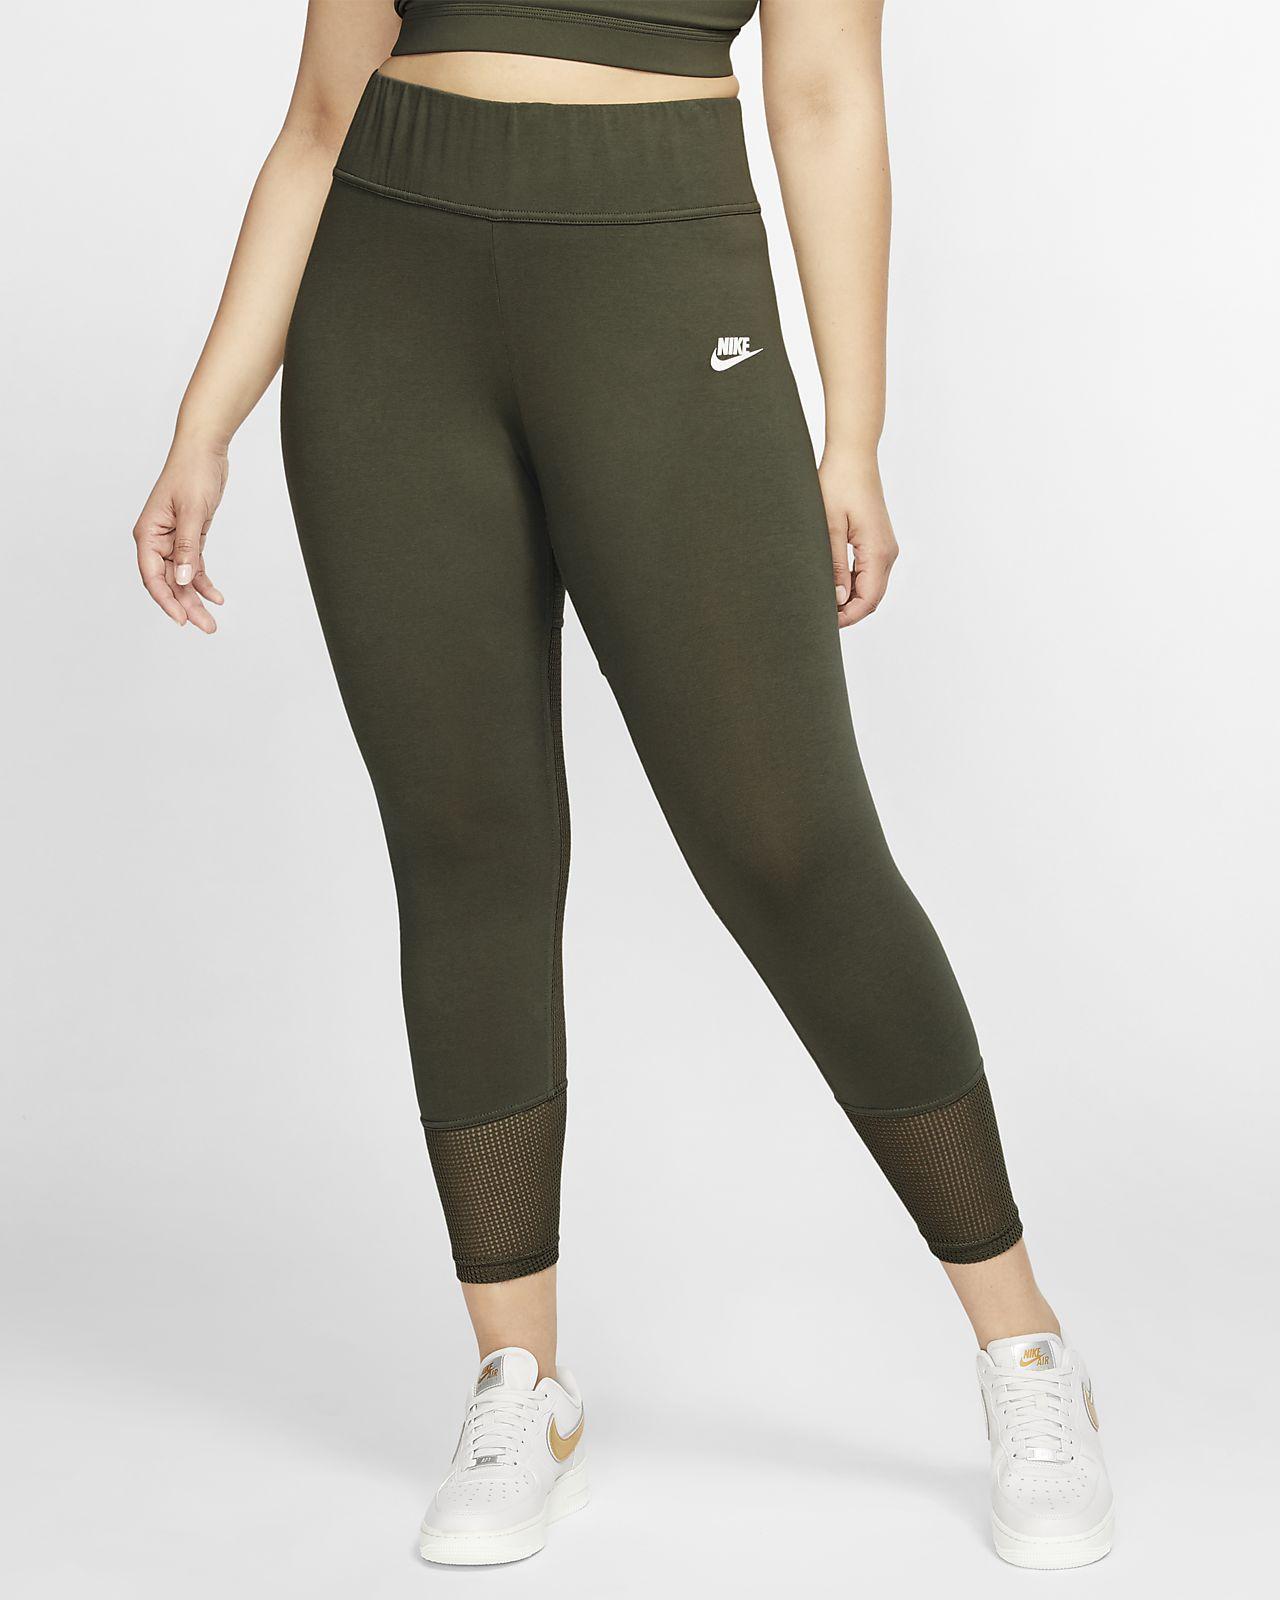 Nike Sportswear Women's Mesh Leggings (Plus Size)